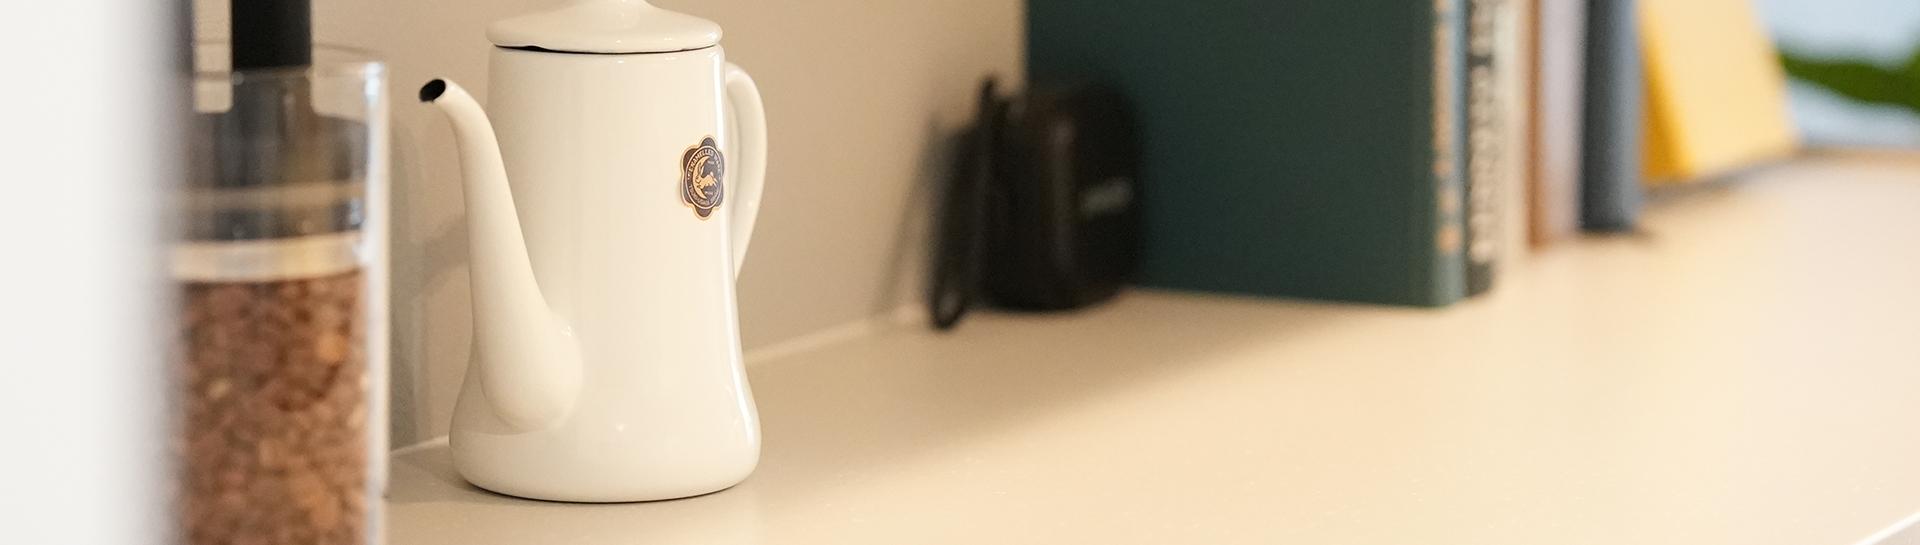 上田建装社-上田市で注文住宅をお考えなら、安心の地元工務店-のスタッフ